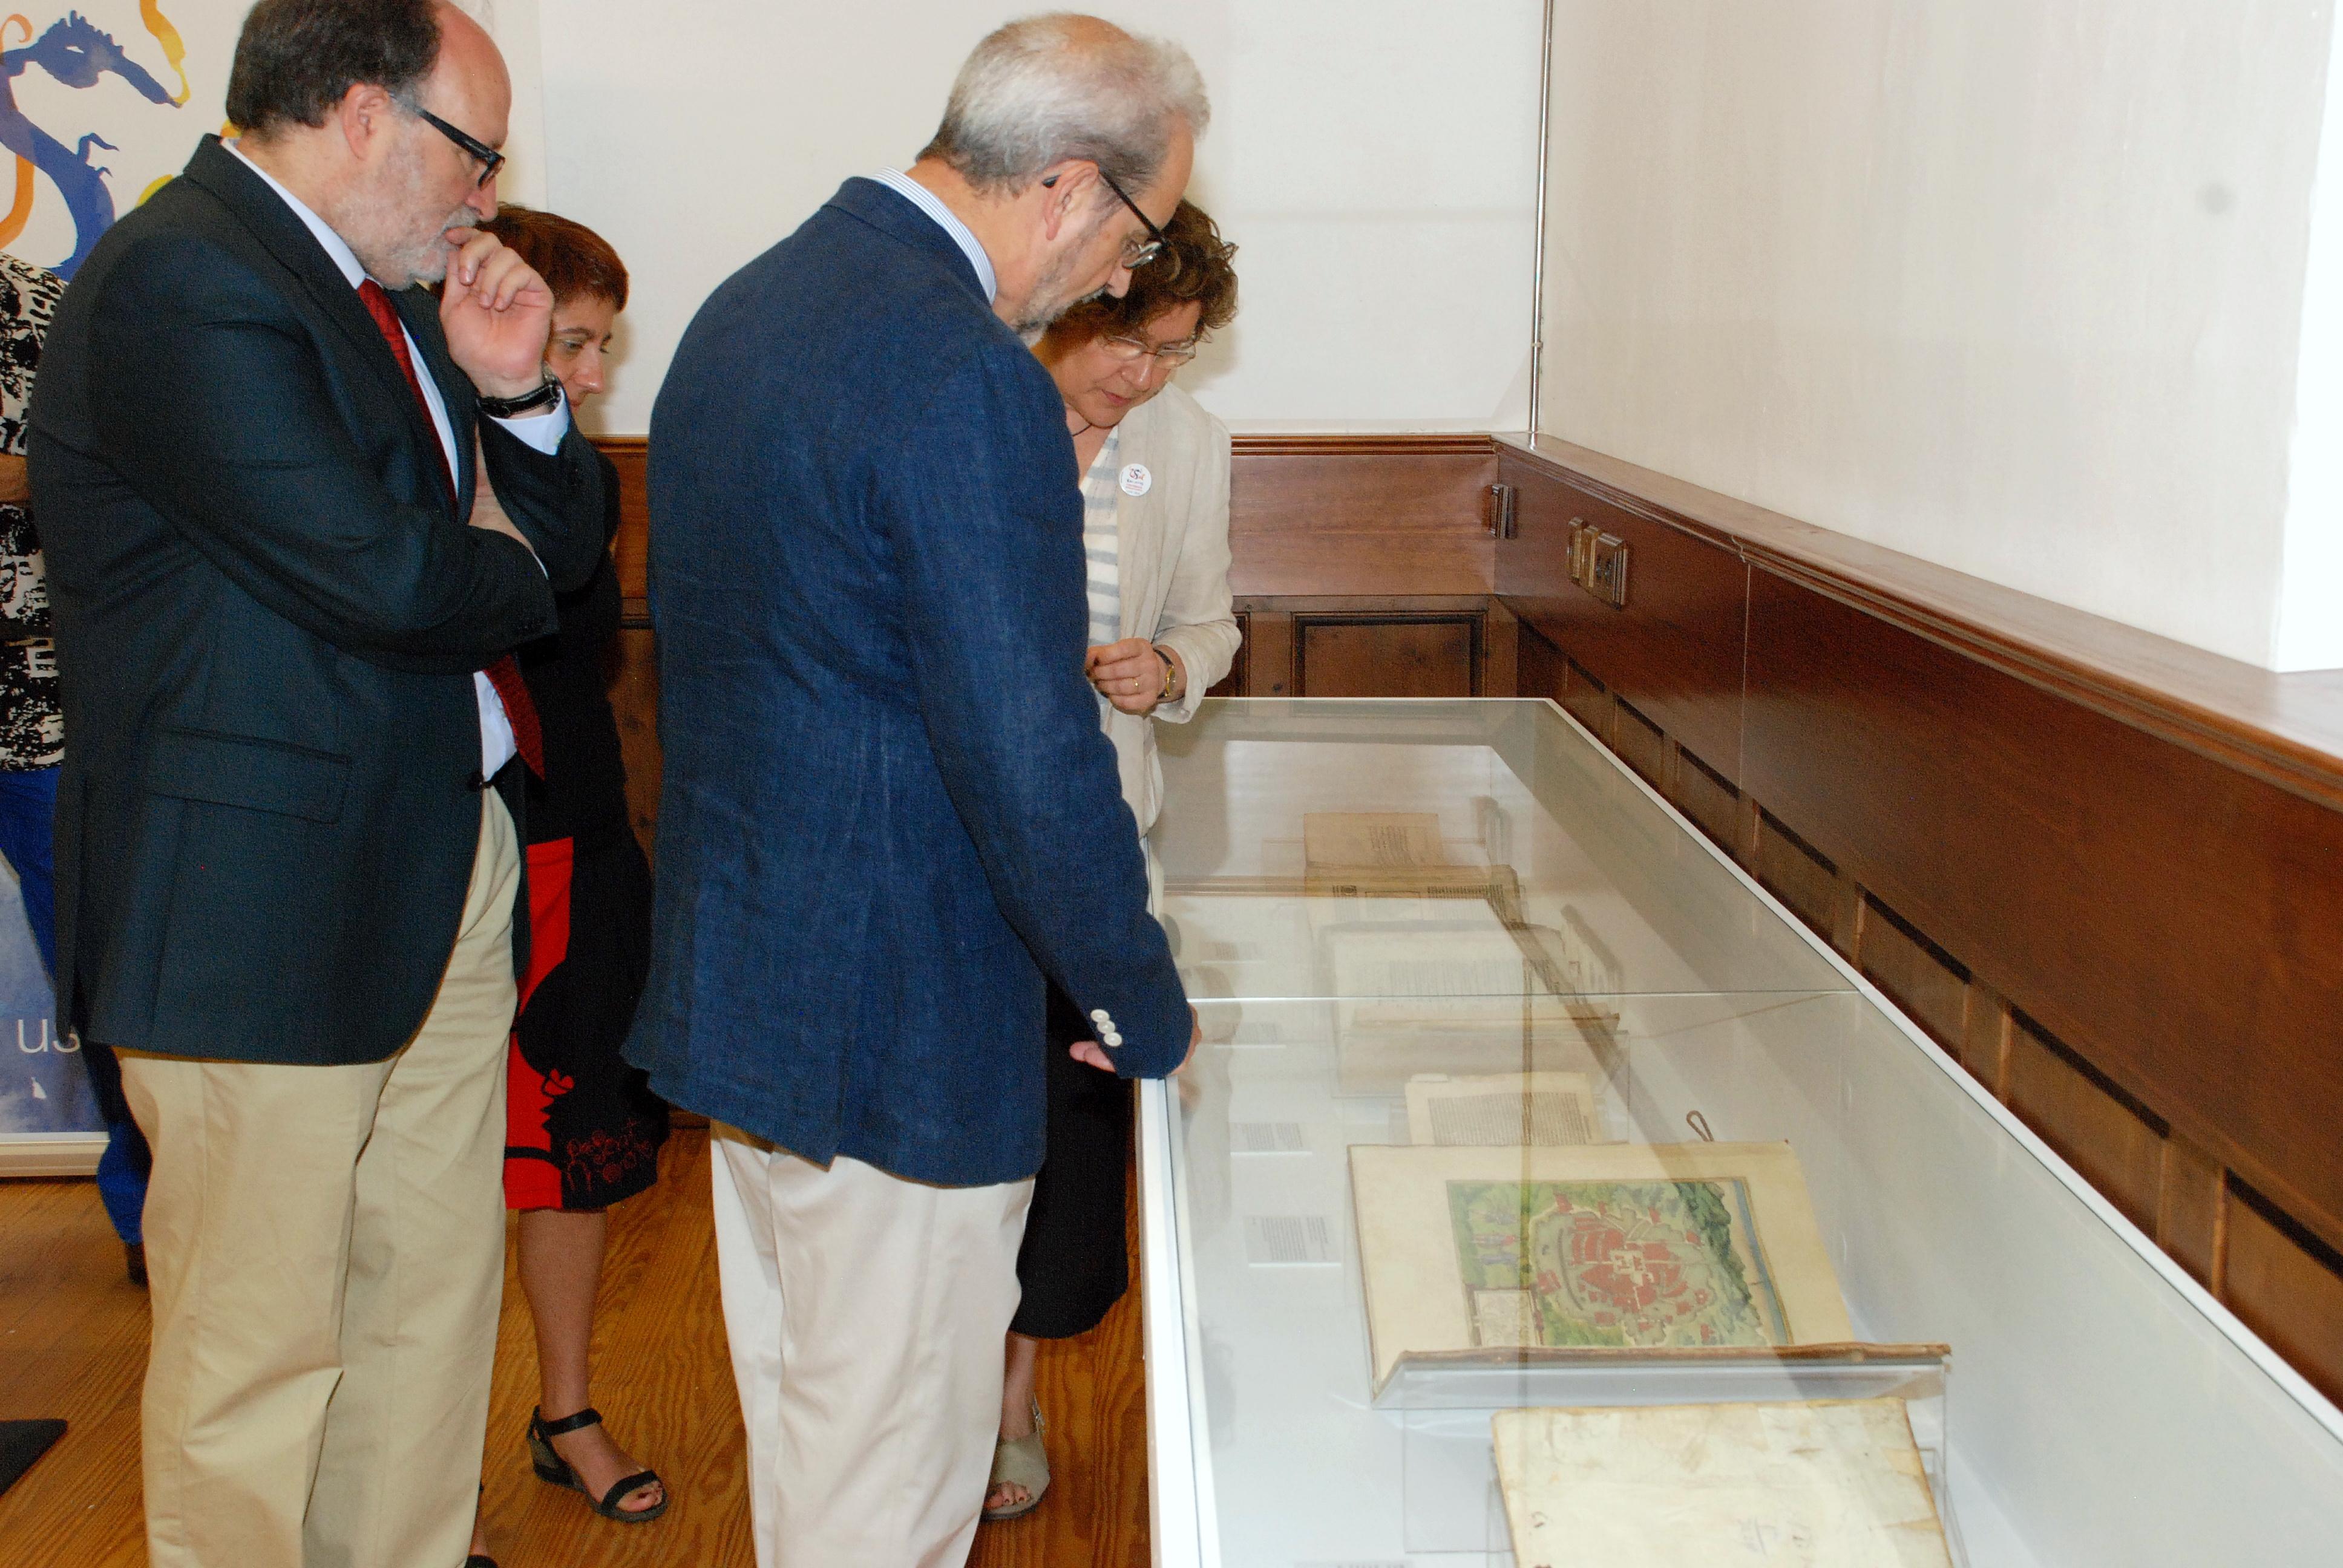 La Universidad de Salamanca reúne en una exposición las primeras obras cartográficas e históricas sobre la conquista de América